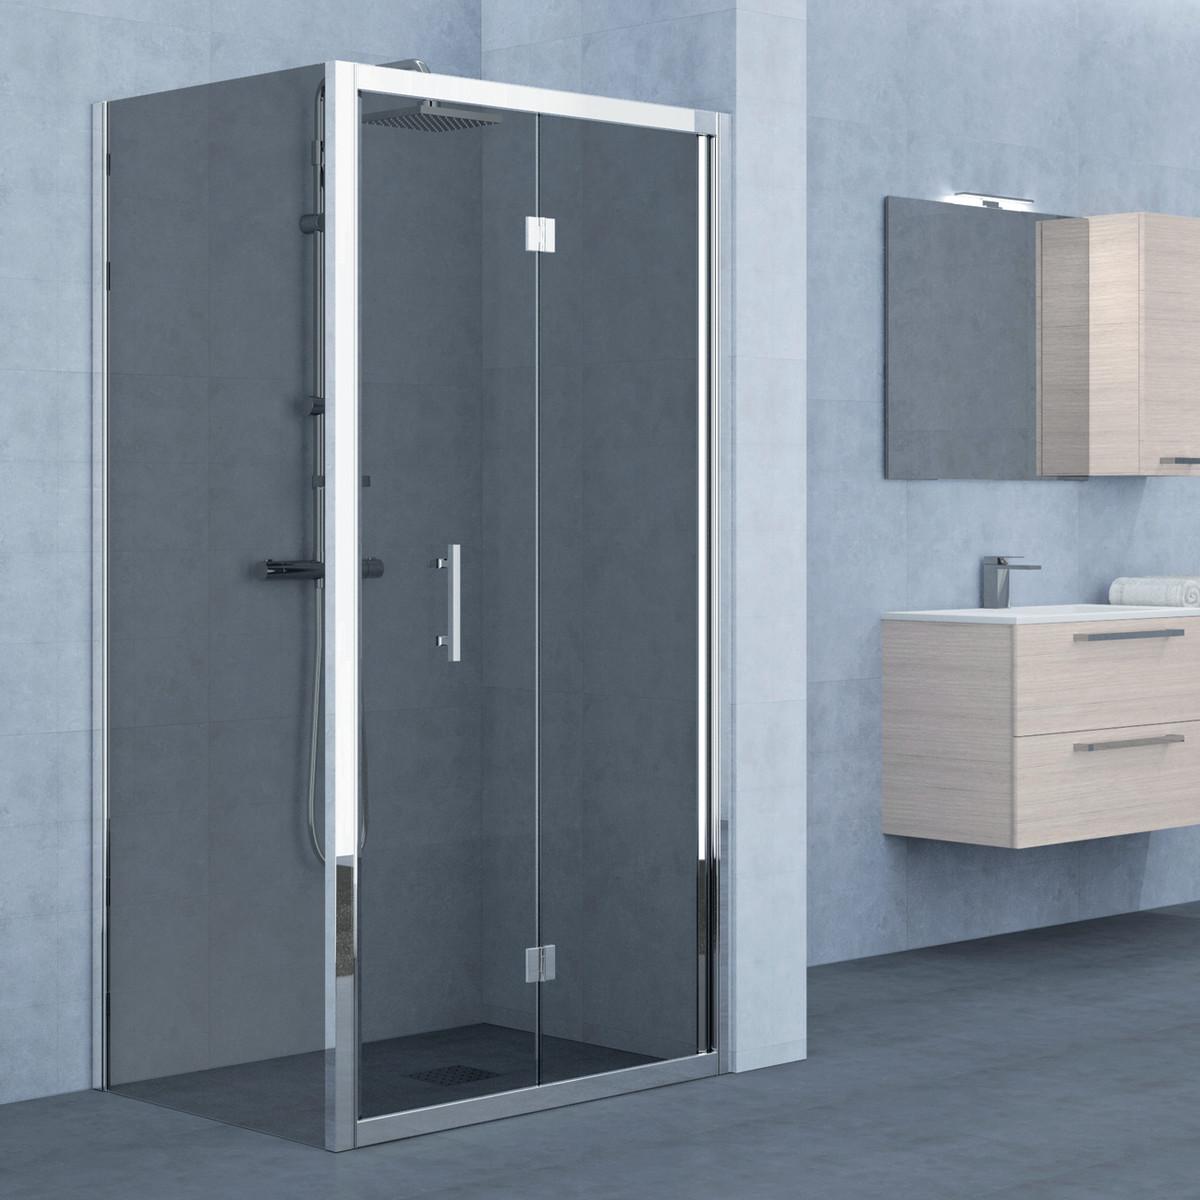 Sgabello pieghevole leroy merlin design - Porta doccia pieghevole ...